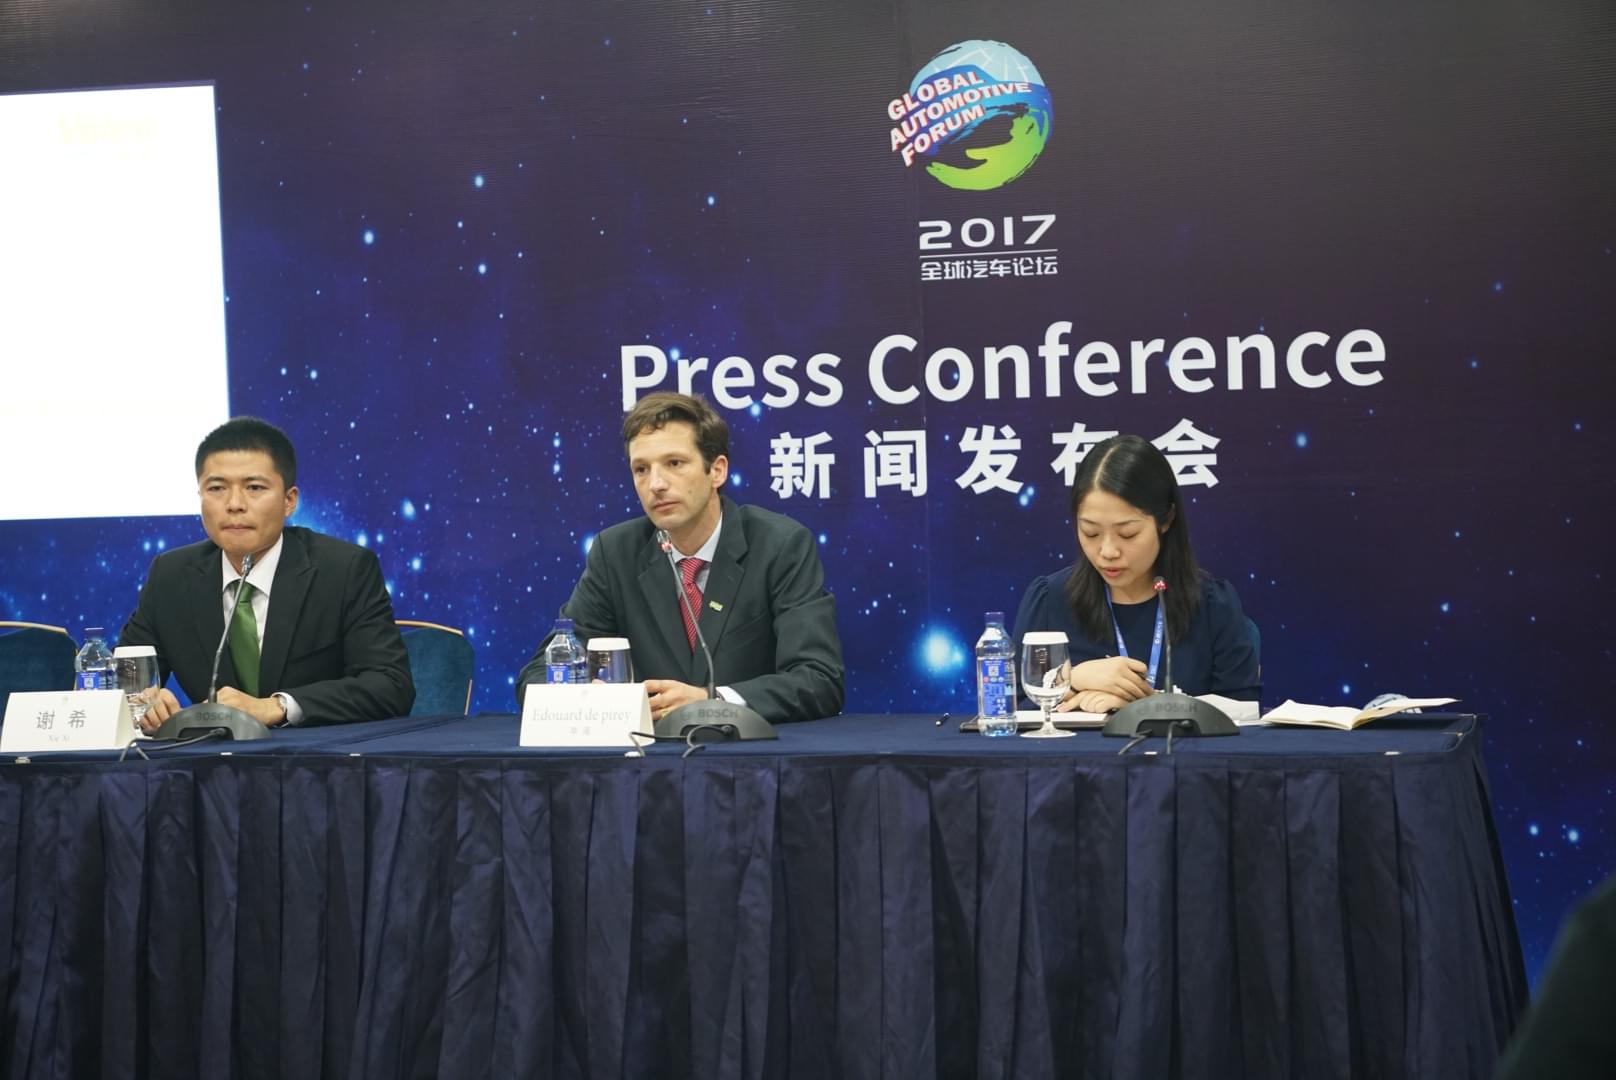 法雷奥立足中国市场研发新技术 力推高压驱动系统